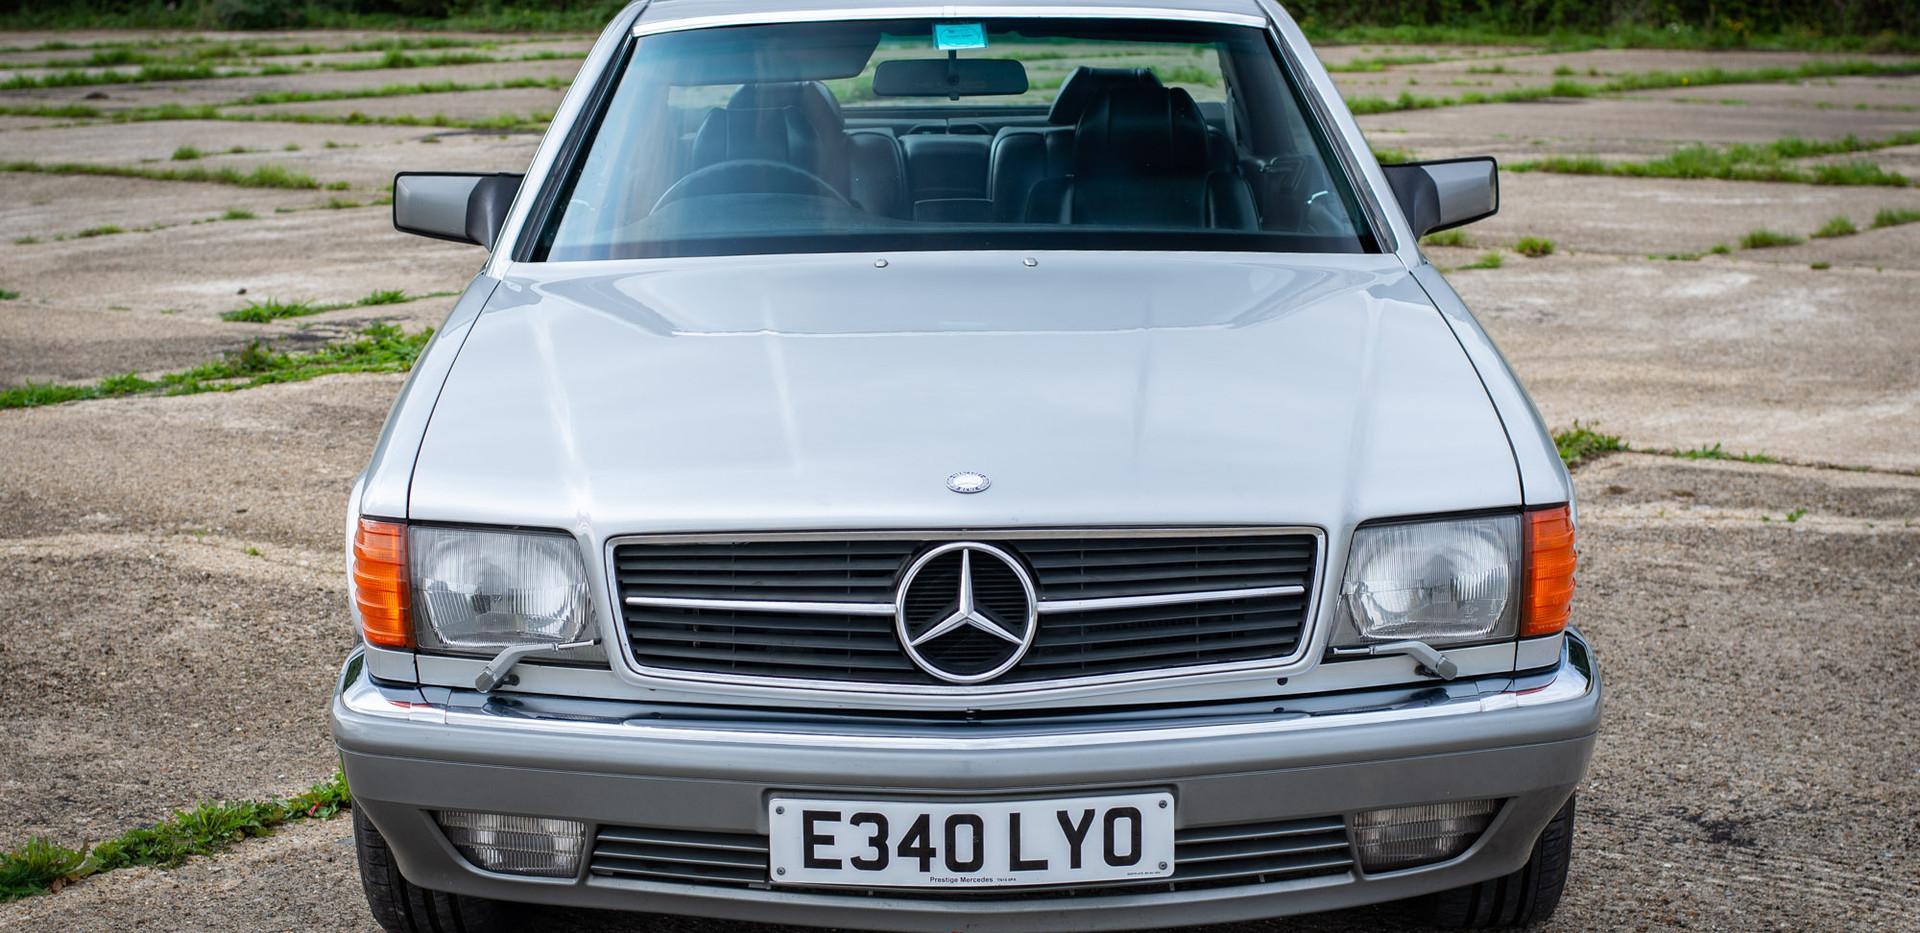 W126 420SEC - Uk for sale london-4.jpg